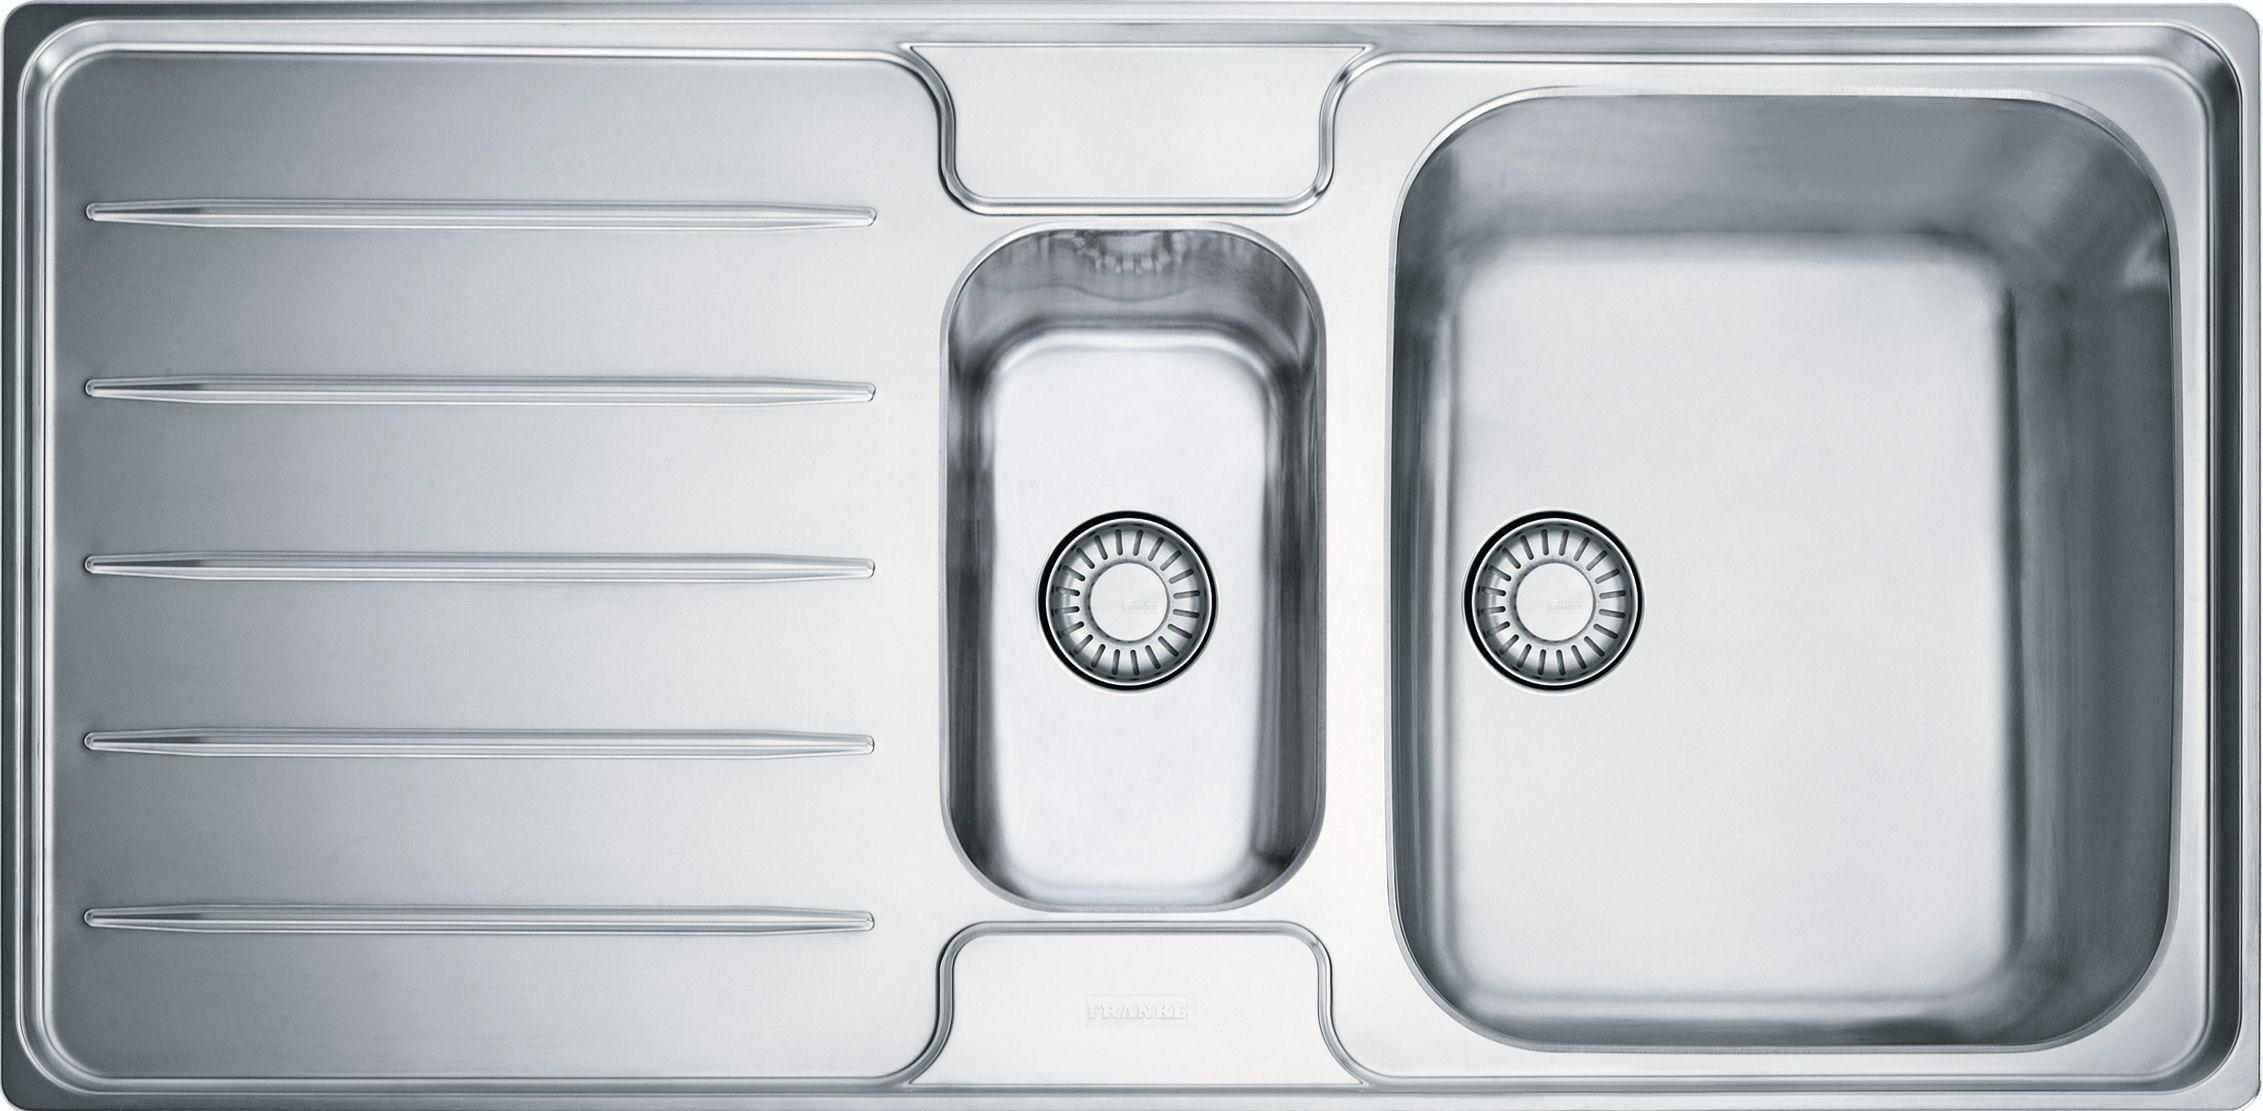 Platte Design Radiator Keuken : Gerelateerde berichten : Piet Zwart Keuken Tweedehands